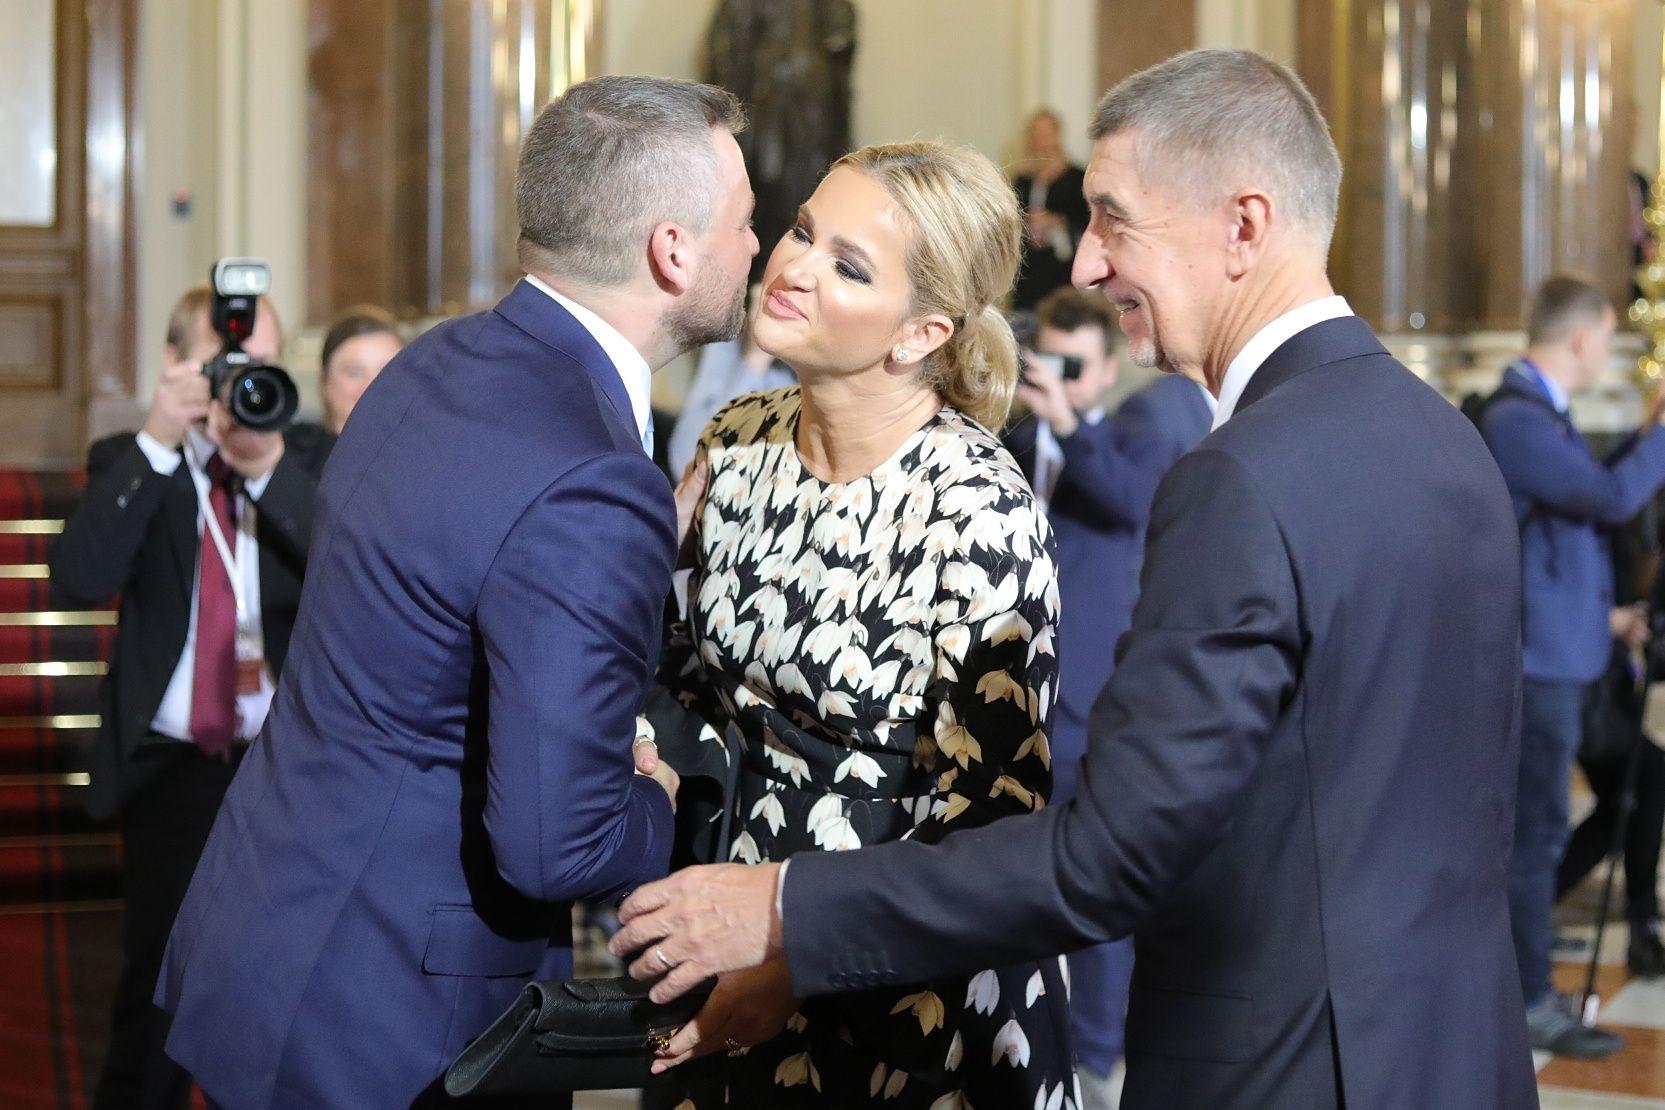 Manžel a manželka sdílejí velký péro